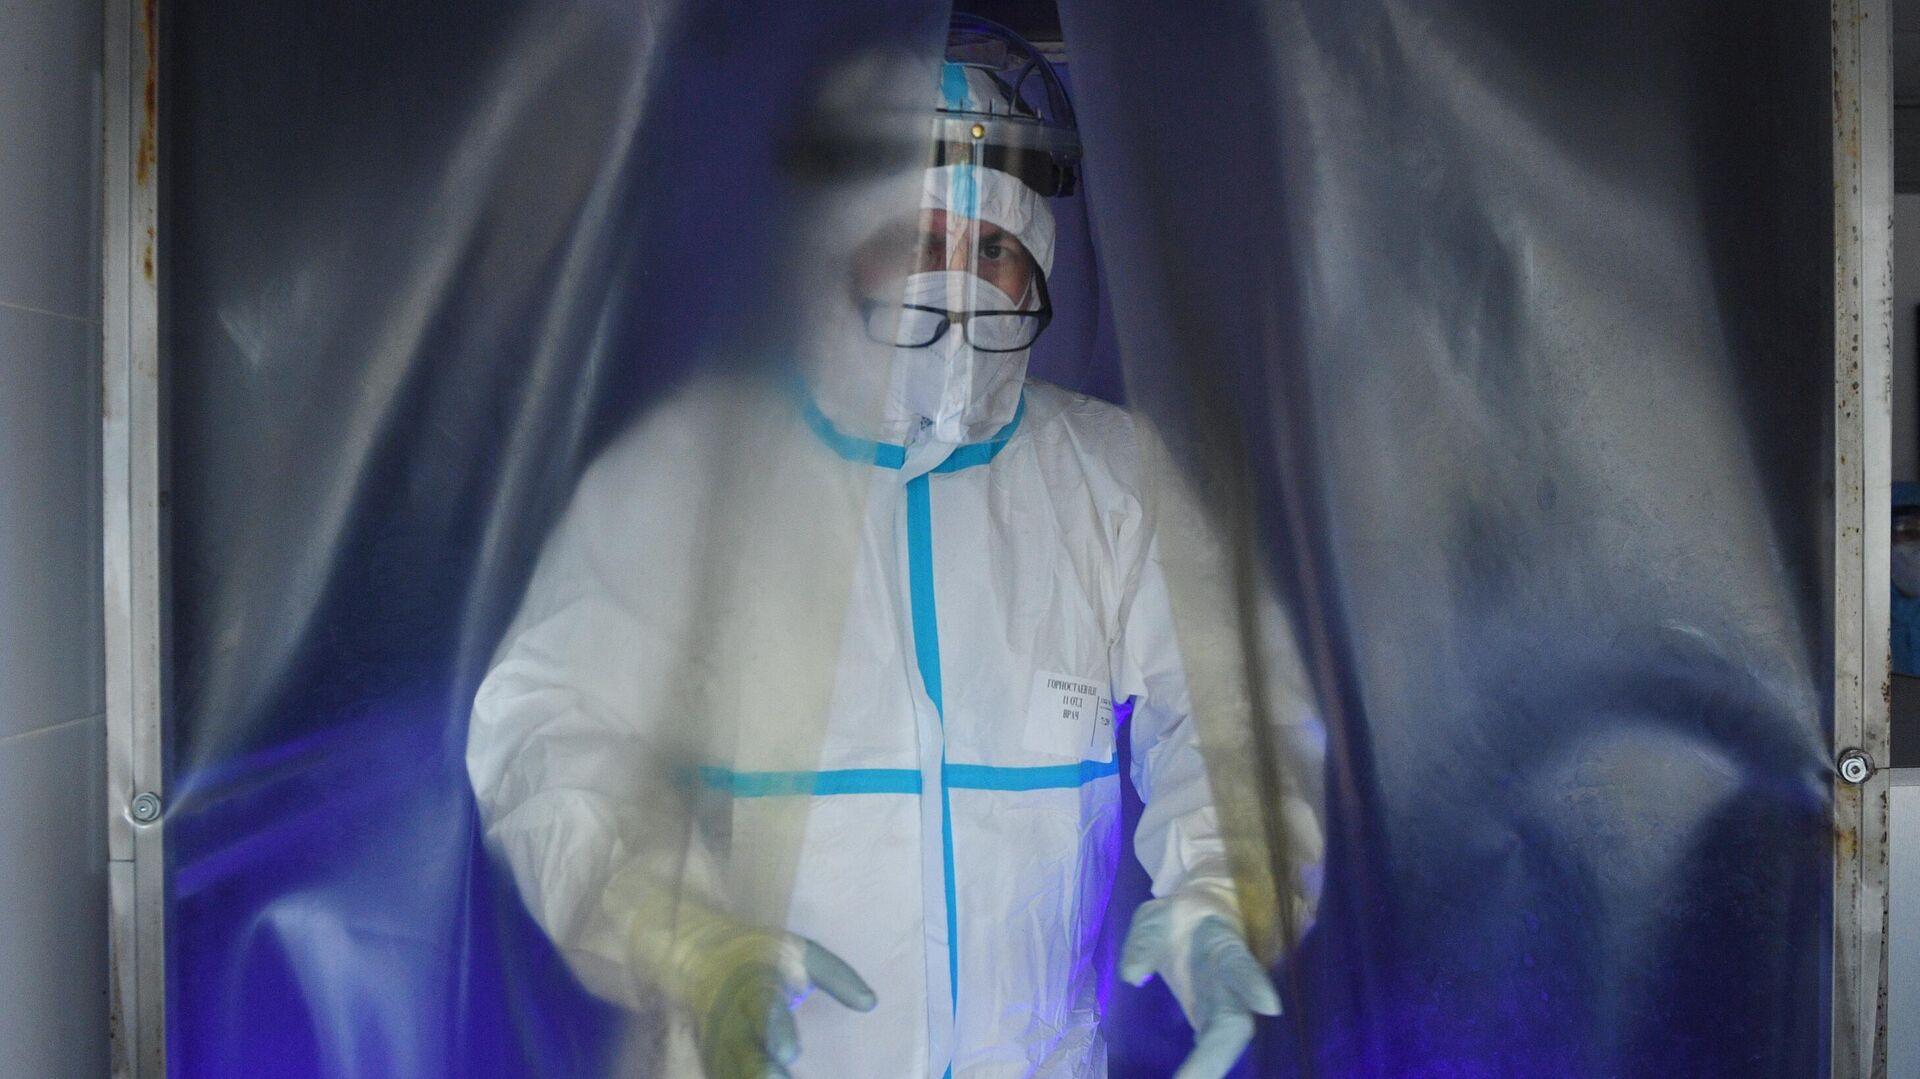 Медицинский работник в отделении дезинфекции госпиталя COVID-19 городской клинической больницы №15 имени О. М. Филатова в Москве - РИА Новости, 1920, 09.10.2021